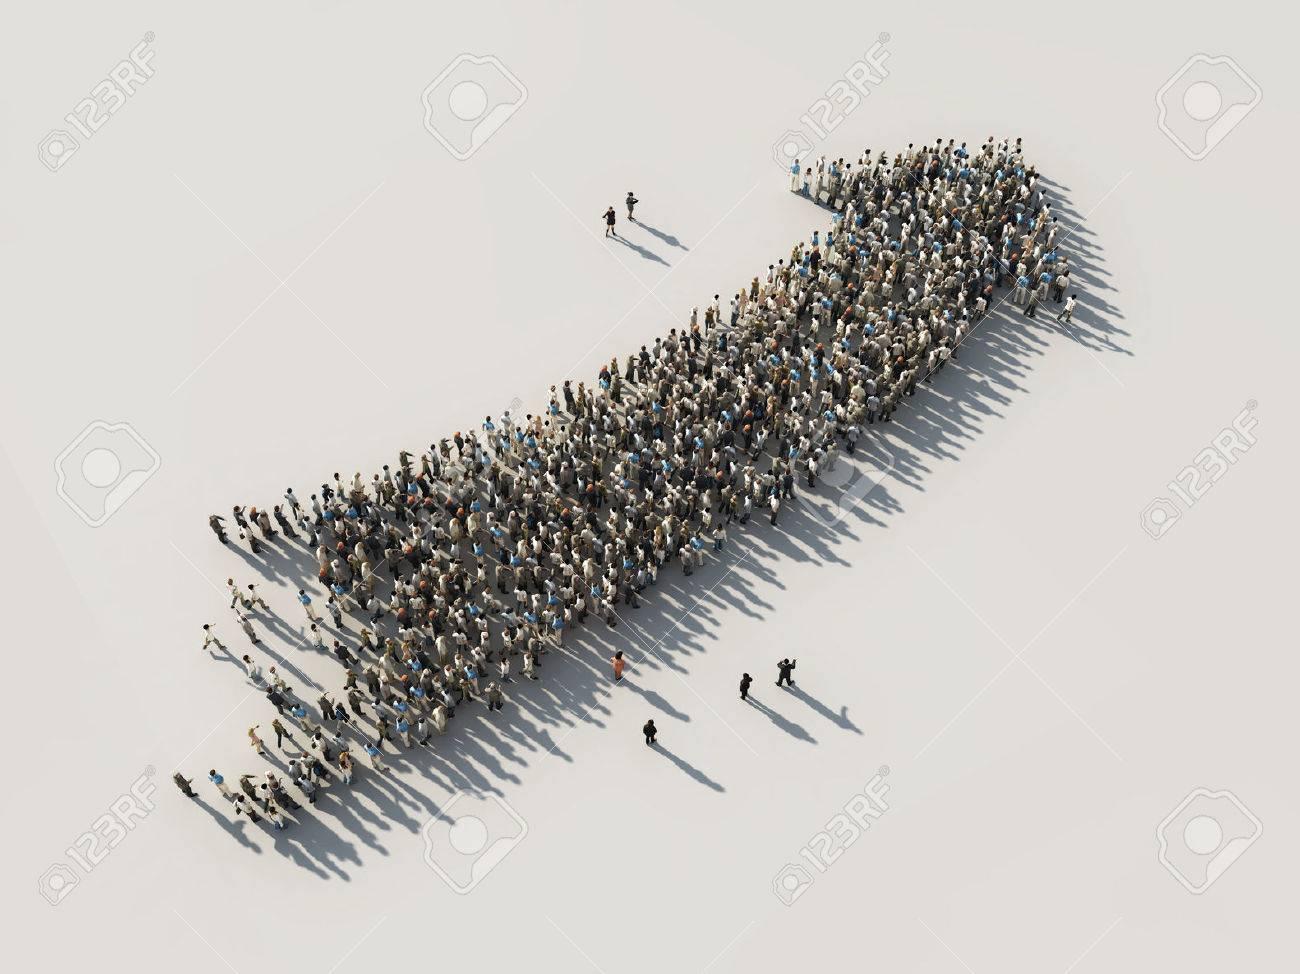 arrow of crowds - 45363398